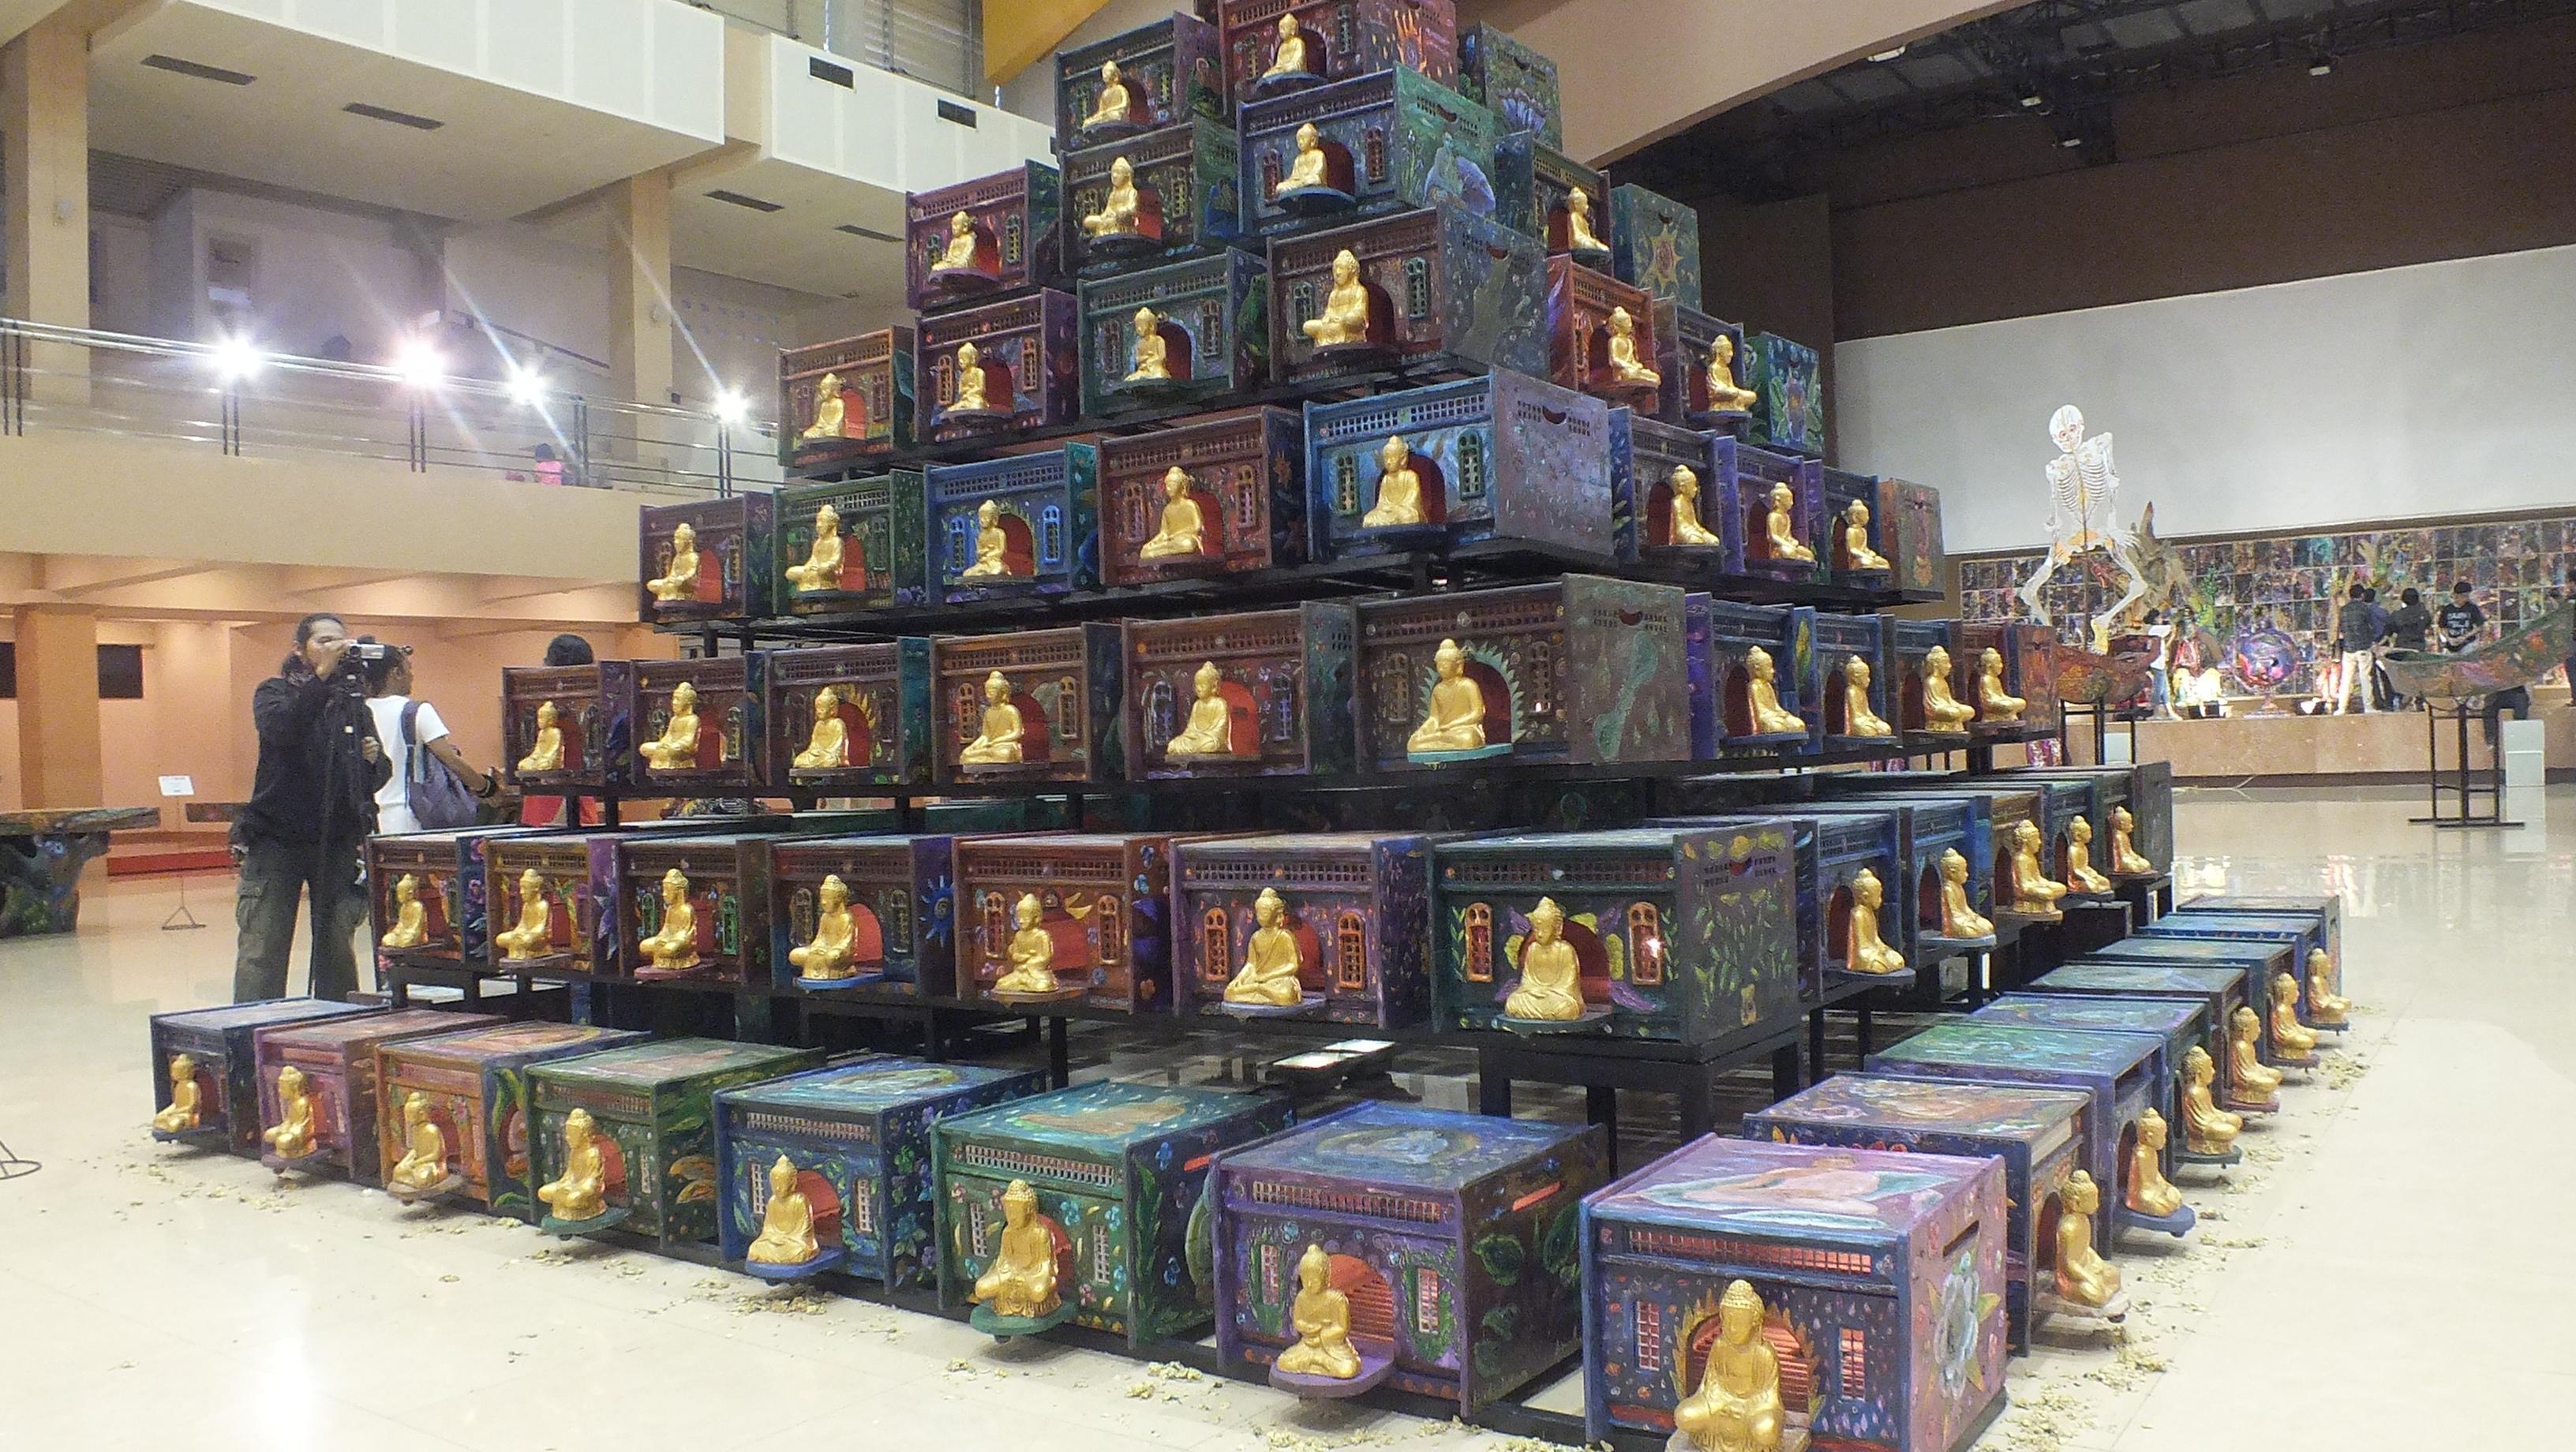 Pagupon (rumah merpati) sebanyak 113 buah disusun menyerupai Candi Borobudur dengan tinggi 7 meter karya Nasirun menjadi pusat perhatian pameran di bagian dalam gedung Sportorium UMY